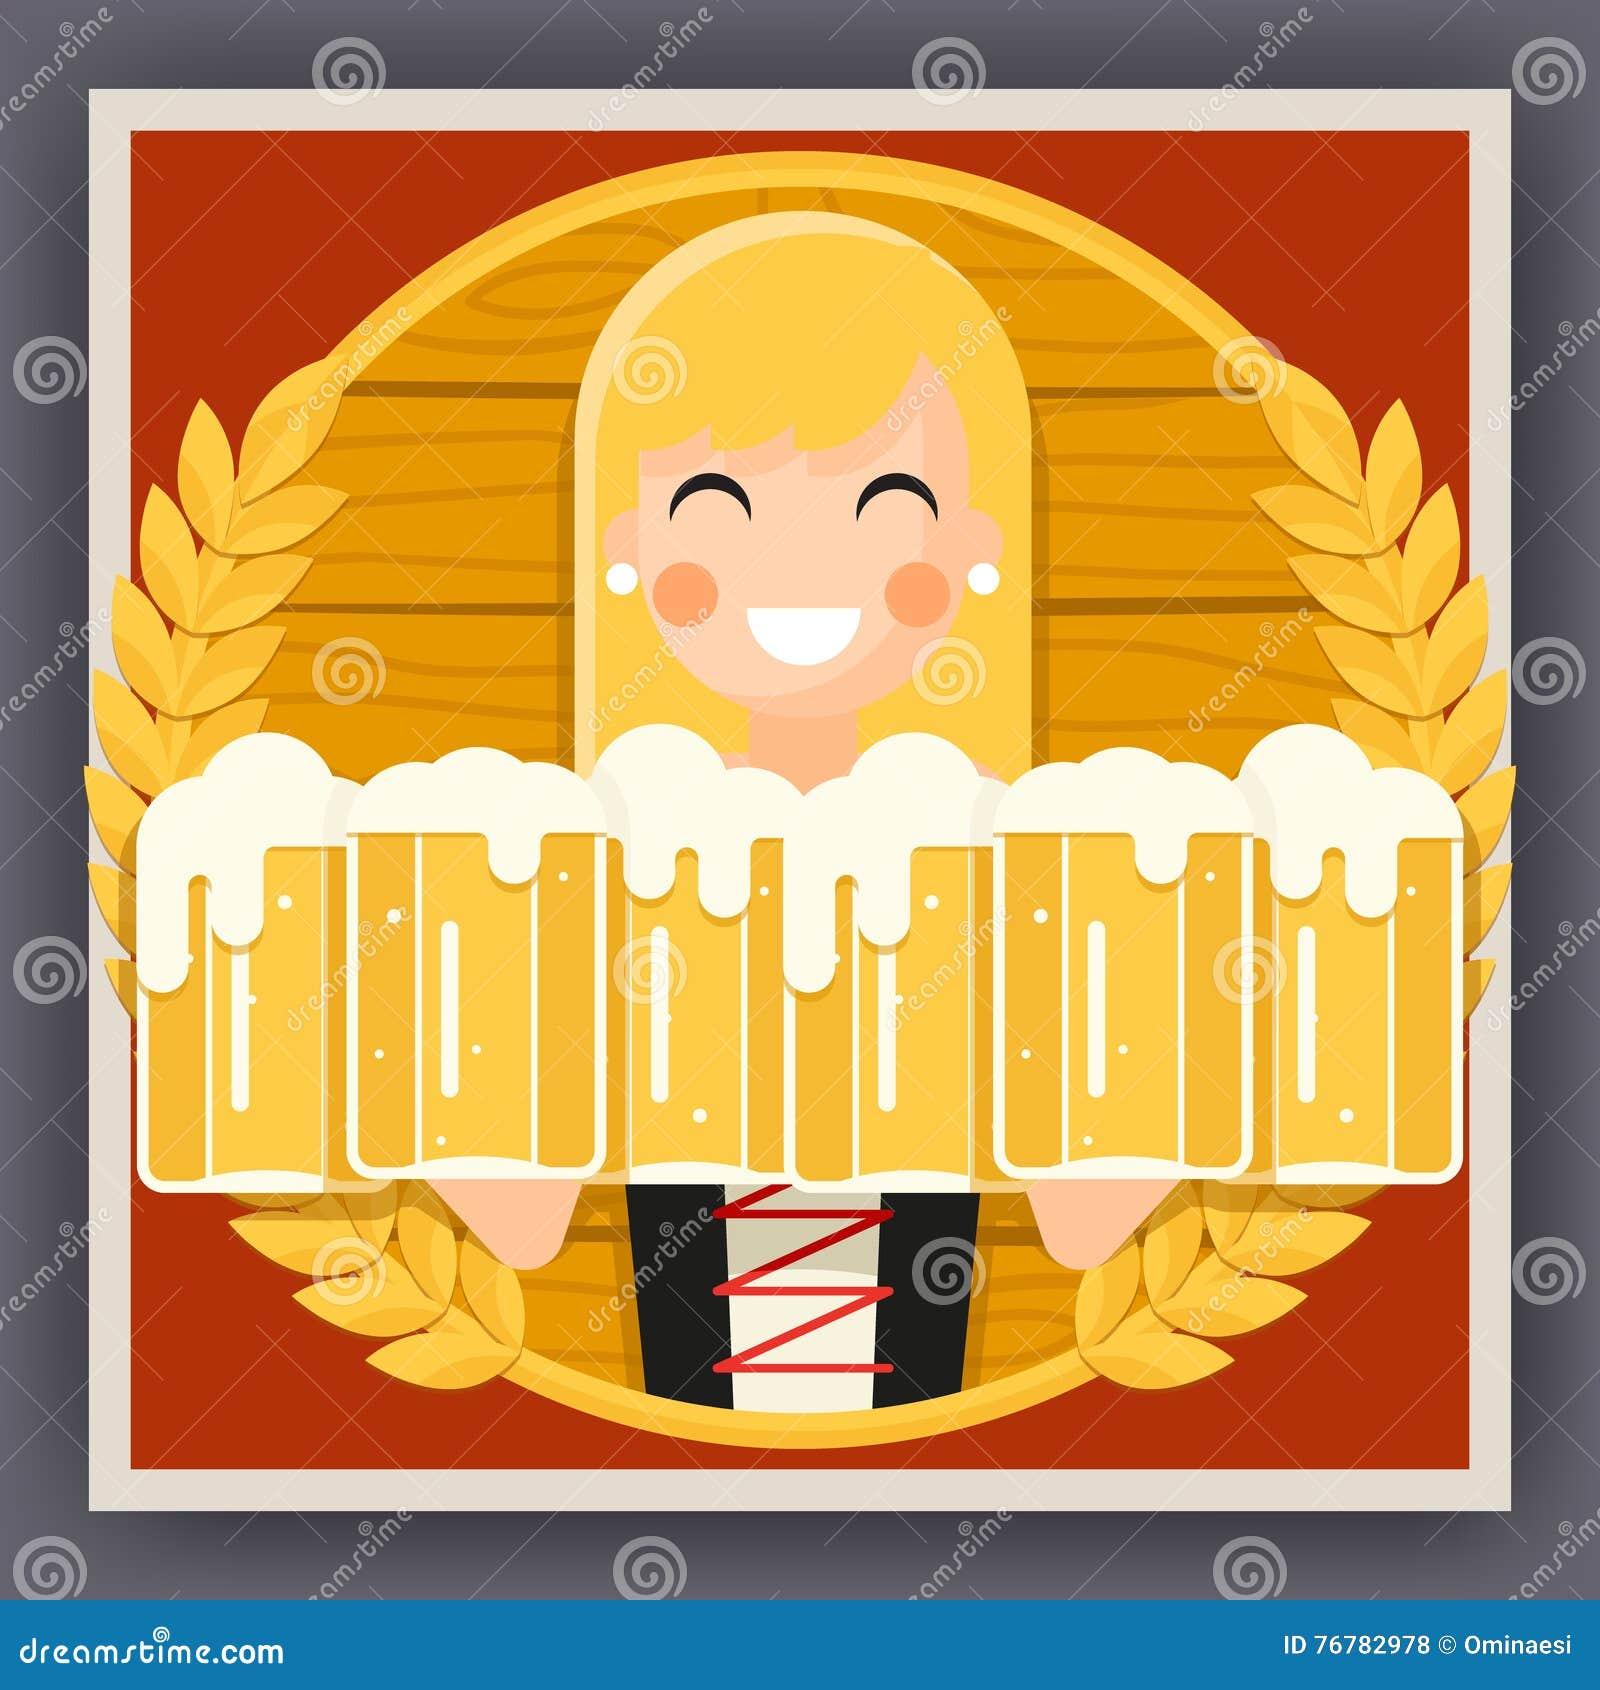 Girl with Beer Mug Oktoberfest Poster Festival Celebration Symbol Flat Design Vector Illustration